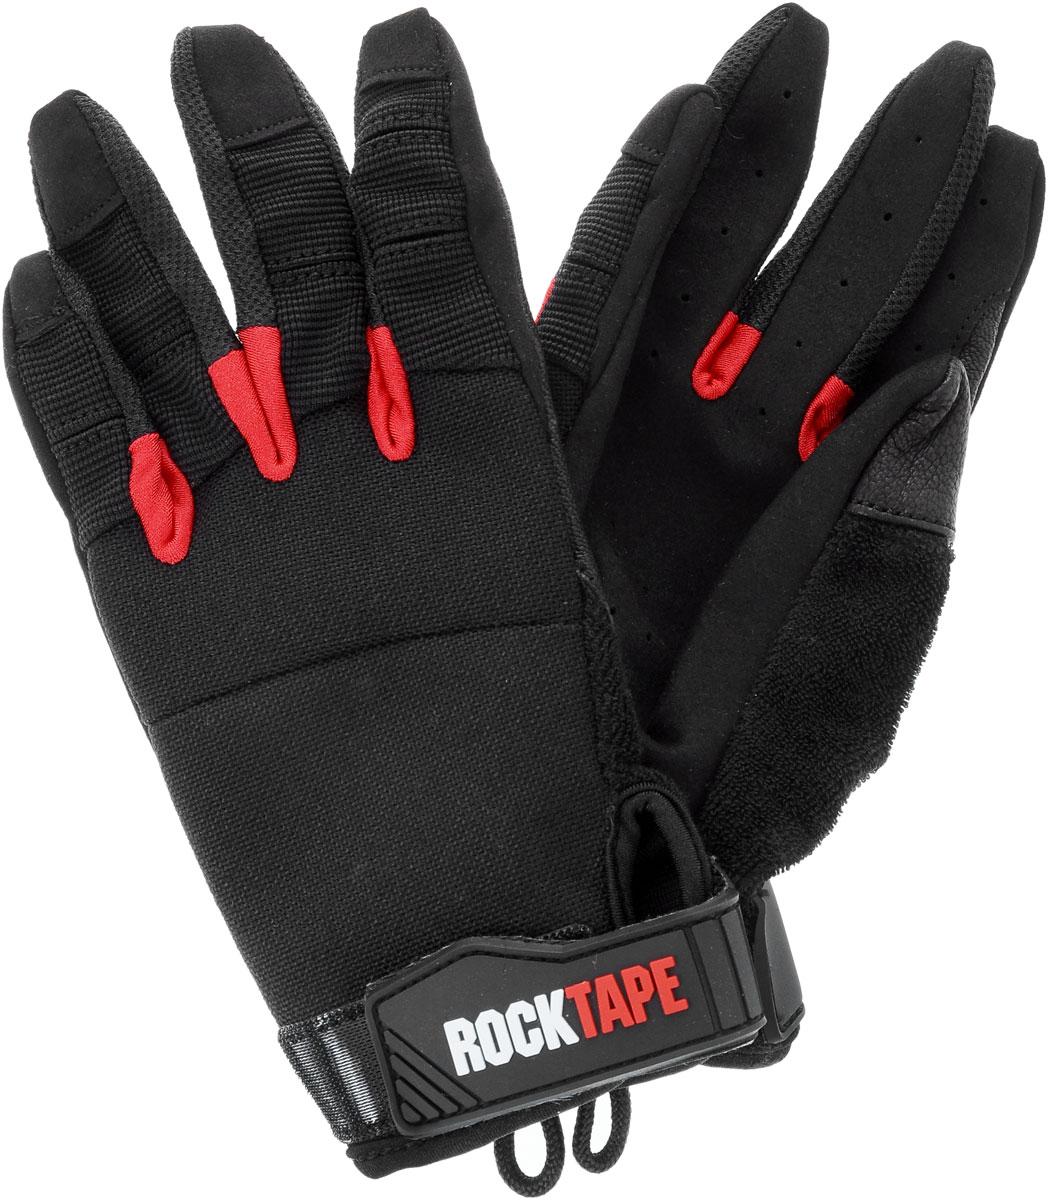 Перчатки Rocktape Talons, цвет: черный, красный. Размер XSRTTls-XLRocktape Talons - это функциональные перчатки для спорта. Руль велосипеда, турник, штанга - за что бы вы ни взялись, перчатки обеспечат максимальную защиту и поддержку! Уверенный хват и больше никаких стертых рук, волдырей и мозолей!Особенности перчаток:Дружелюбны к сенсорным экранам.Без швов на ладонях.Силиконовая накладка false-grip поможет в выходах силой.Защита большого пальца при захвате штанги.Впитывают пот.Дышащий материал по боковым поверхностям пальцев.Удобные петли.Рассчитаны на работу с мелом.Обхват ладони ниже костяшки: 15 см.